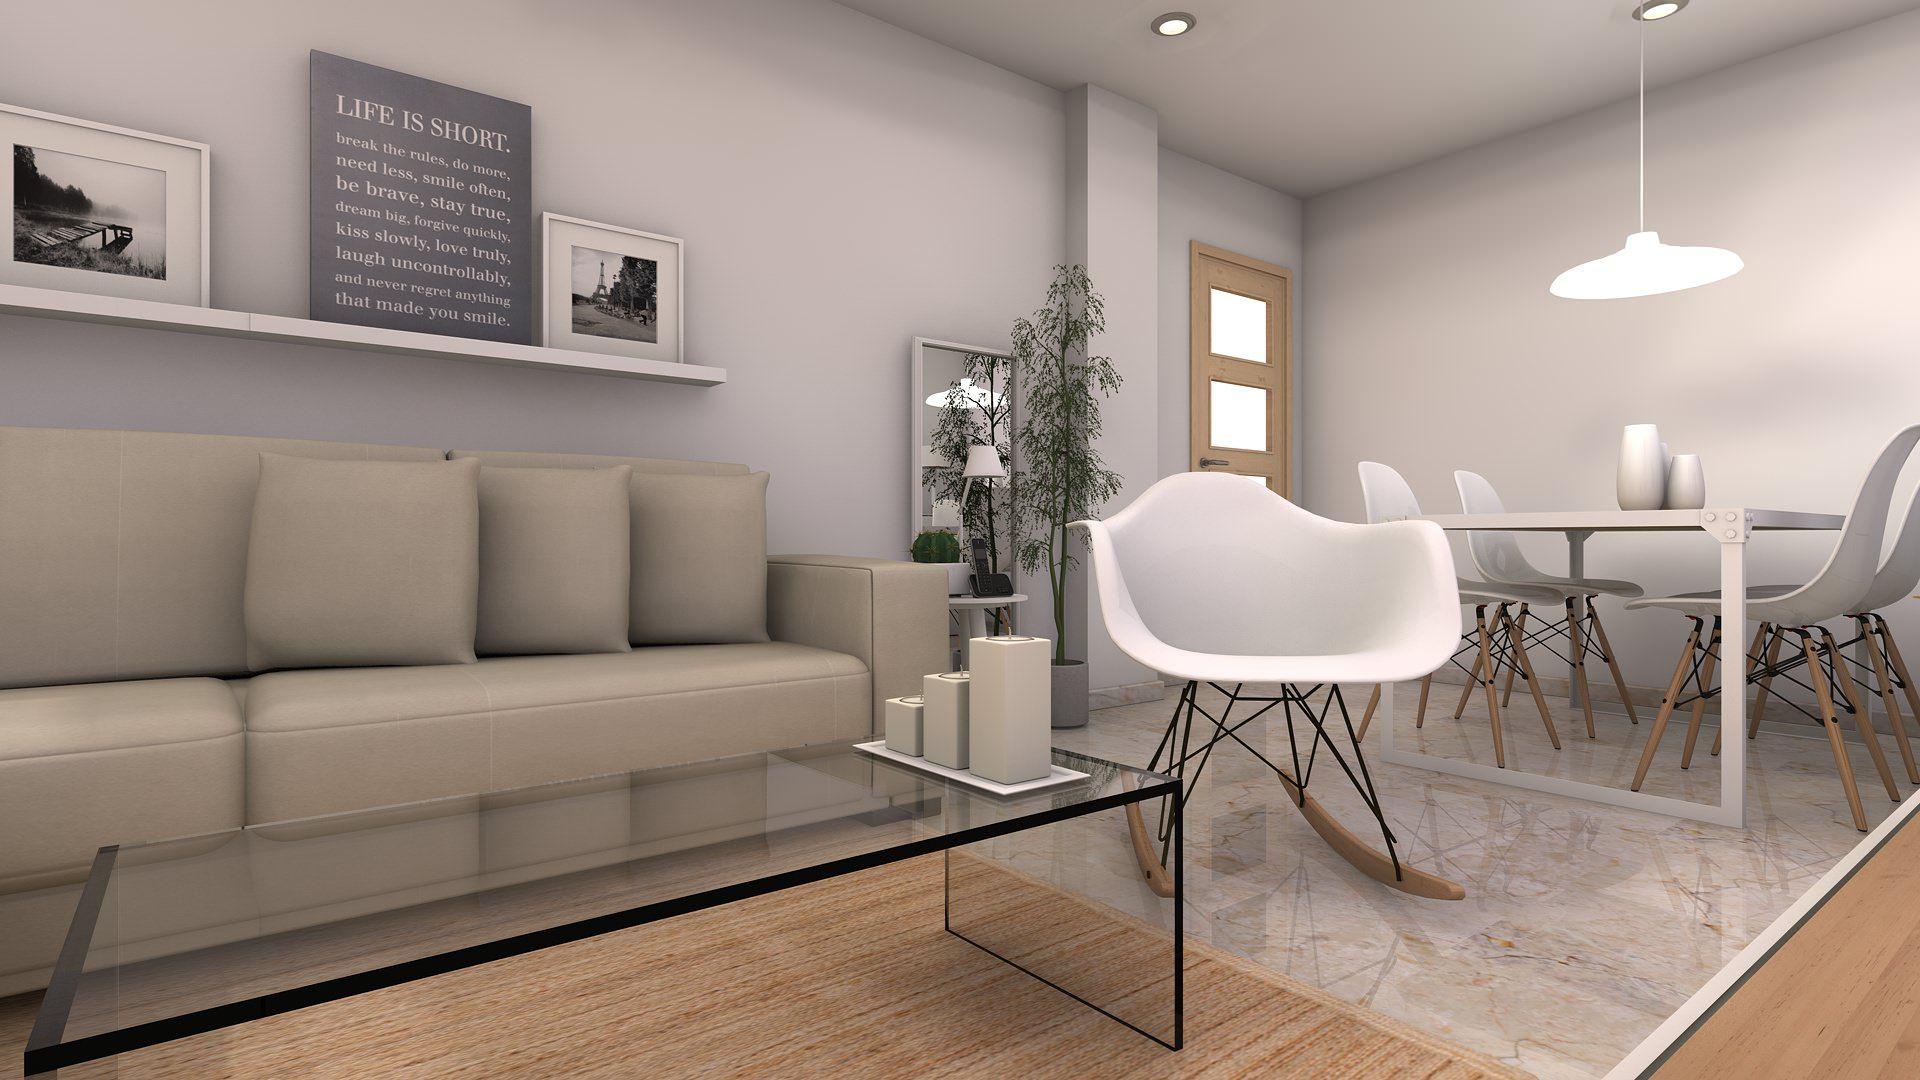 El sal n comedor c mo distribuirlo creaespai muebles - Interiorismo salon comedor ...